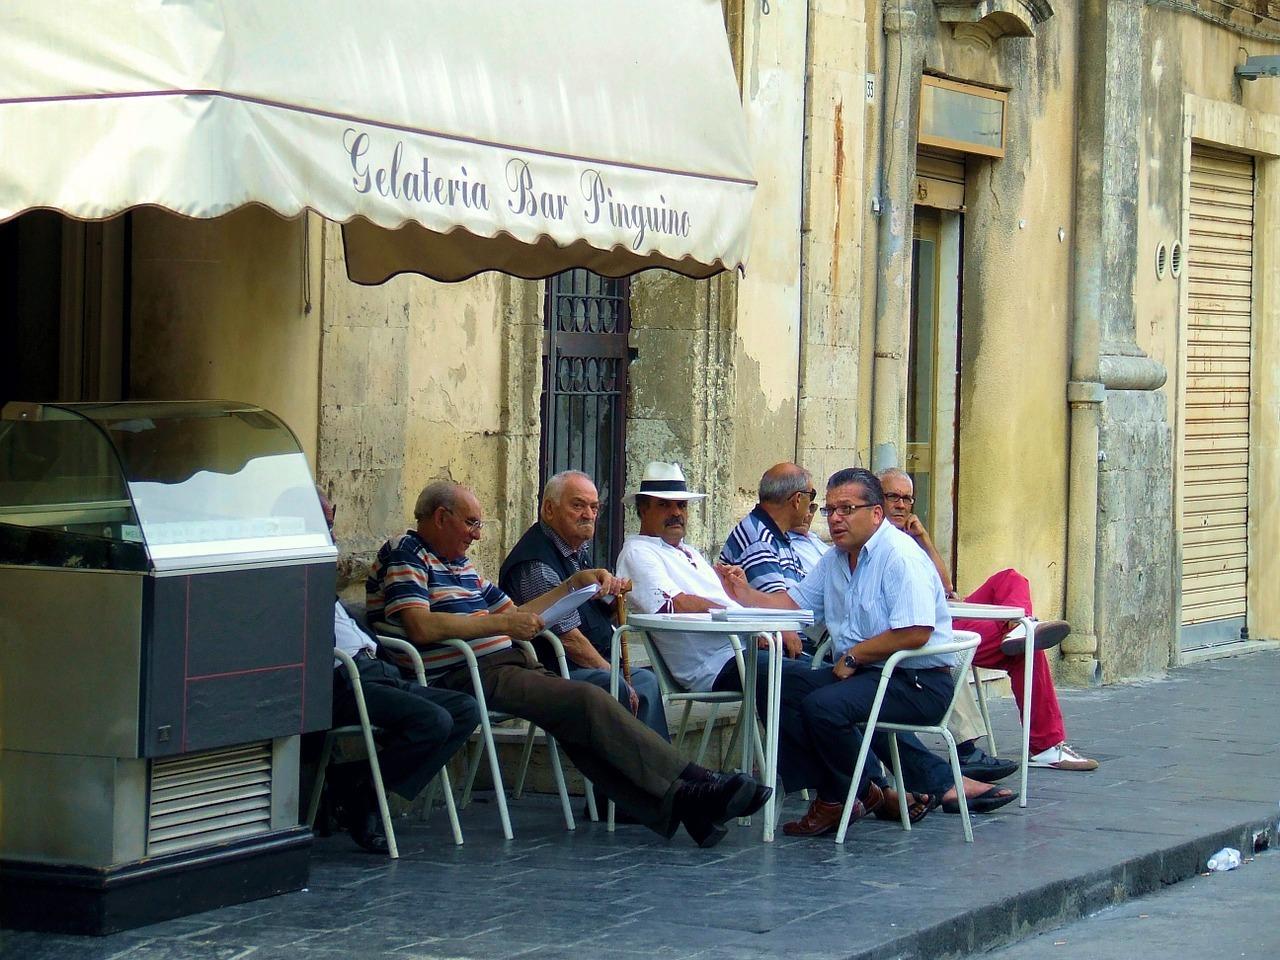 uomini siciliani seduti ad un caffé